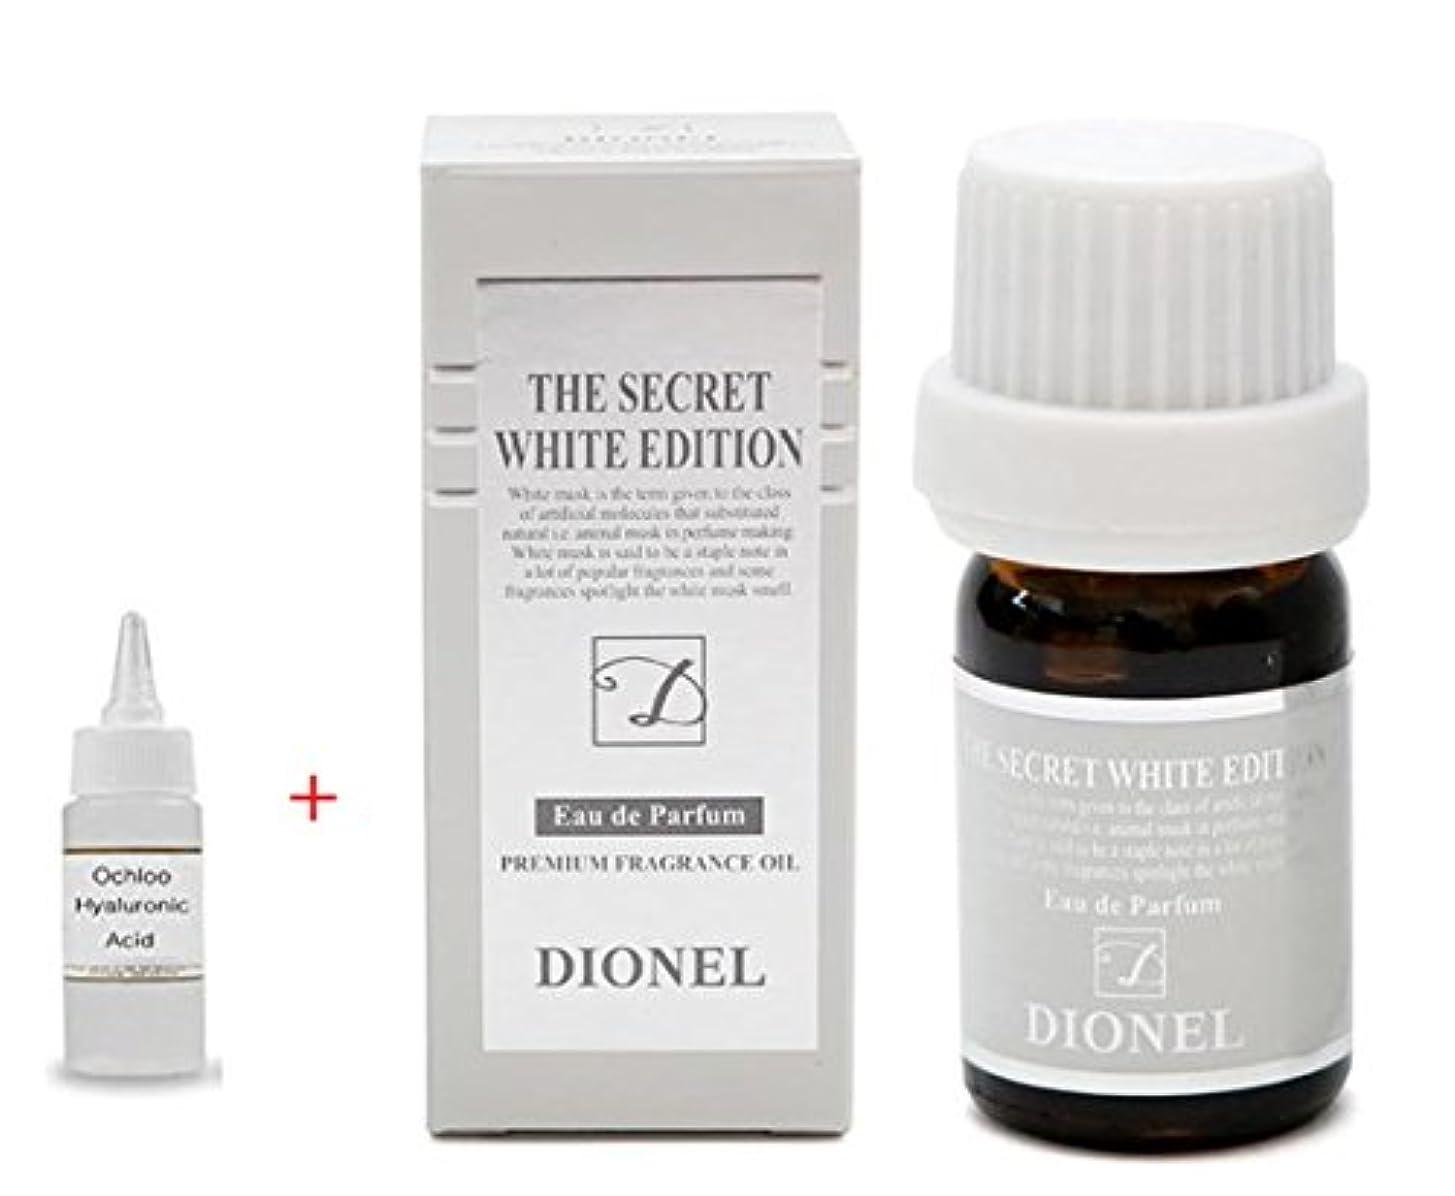 家気性不純[Dionel] 香水のような女性清潔剤、プレミアムアロマエッセンス Love Secret White Edition Dionel 5ml. ラブブラックエディション、一滴の奇跡. Made in Korea + +...